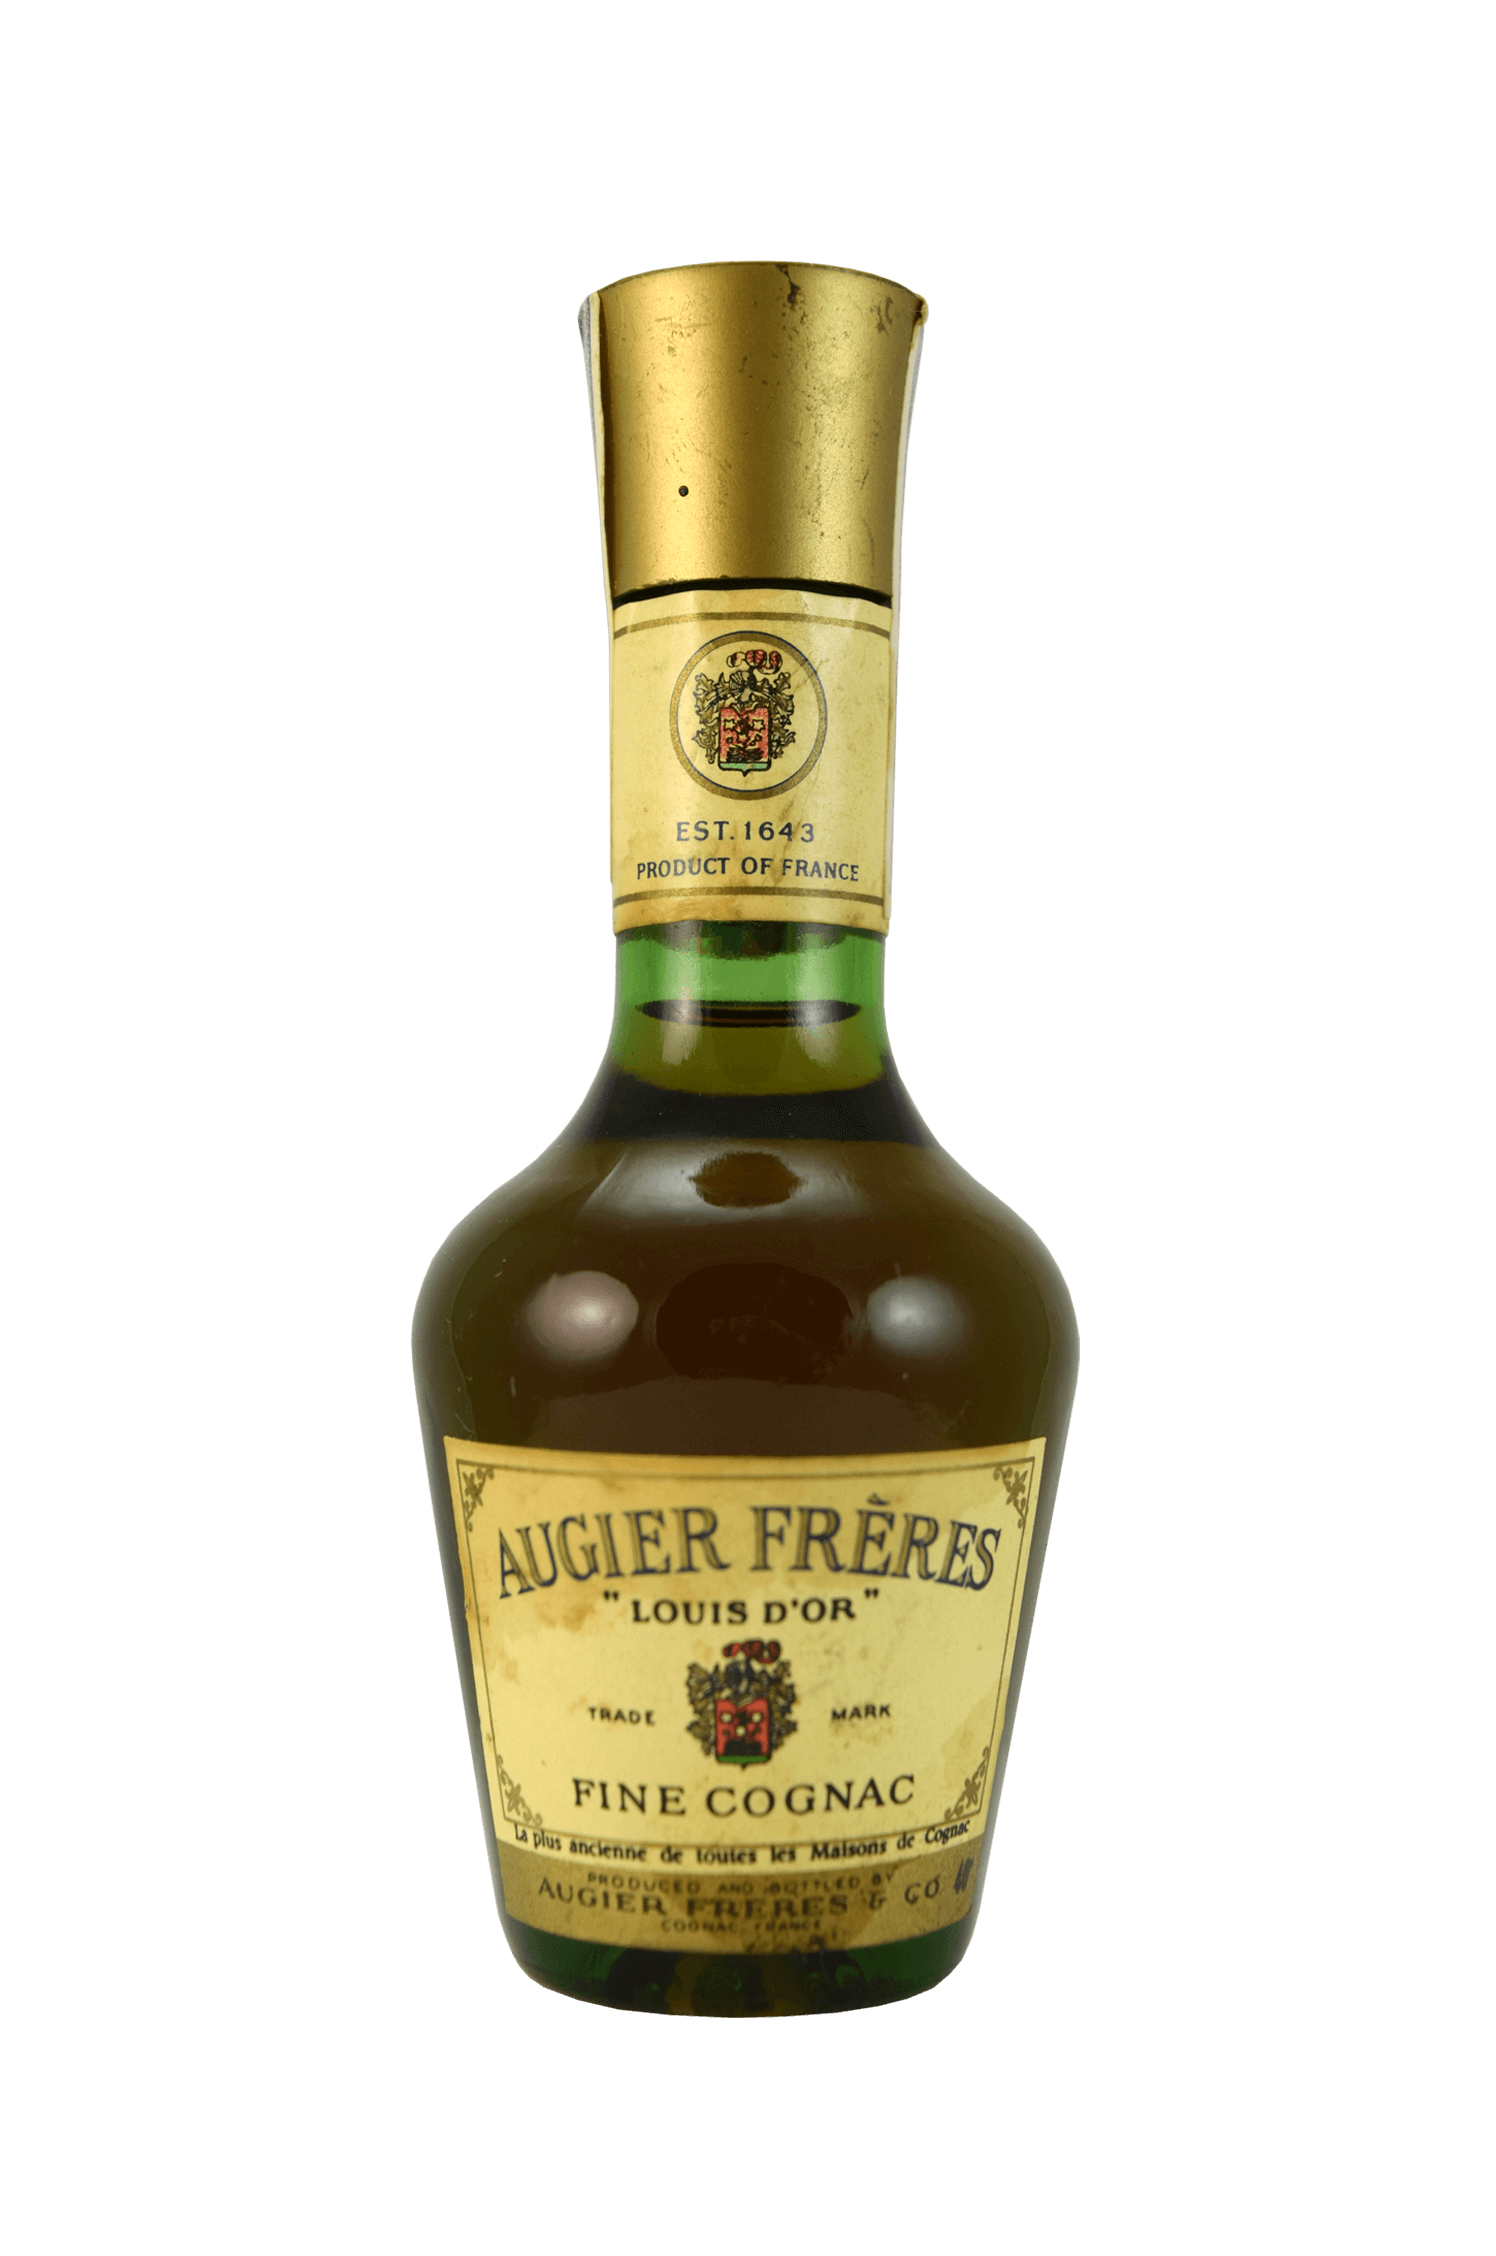 Augier Fréres Fine Cognac